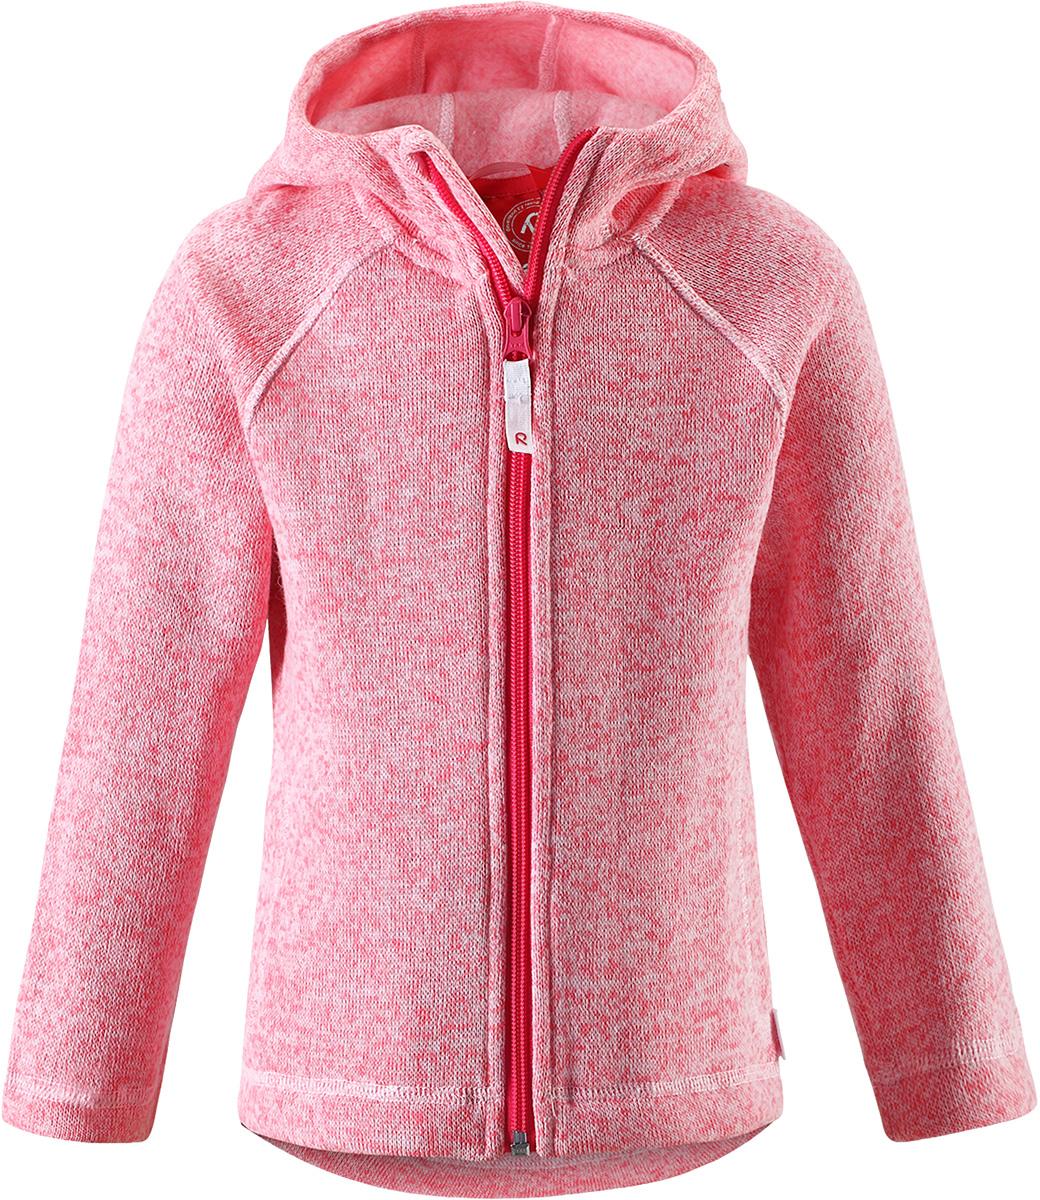 Толстовка флисовая детская Reima Pursi, цвет: розовый. 5262513360. Размер 1285262513360Детская флисовая толстовка Reima с капюшоном отличный вариант на прохладный день. Можно использовать как верхнюю одежду в сухую погоду весной и осенью или надевать в качестве промежуточного слоя в холода. Обратите внимание на удобную систему кнопок Play Layers, с помощью которой легко присоединить эту модель к одежде из серии Reima Play Layers и обеспечить ребенку дополнительное тепло и комфорт. Высококачественный флис - это теплый, легкий и быстросохнущий материал, он идеально подходит для активных прогулок. Удлиненная спинка обеспечивает дополнительную защиту для поясницы, а молния во всю длину с защитой для подбородка облегчает надевание.